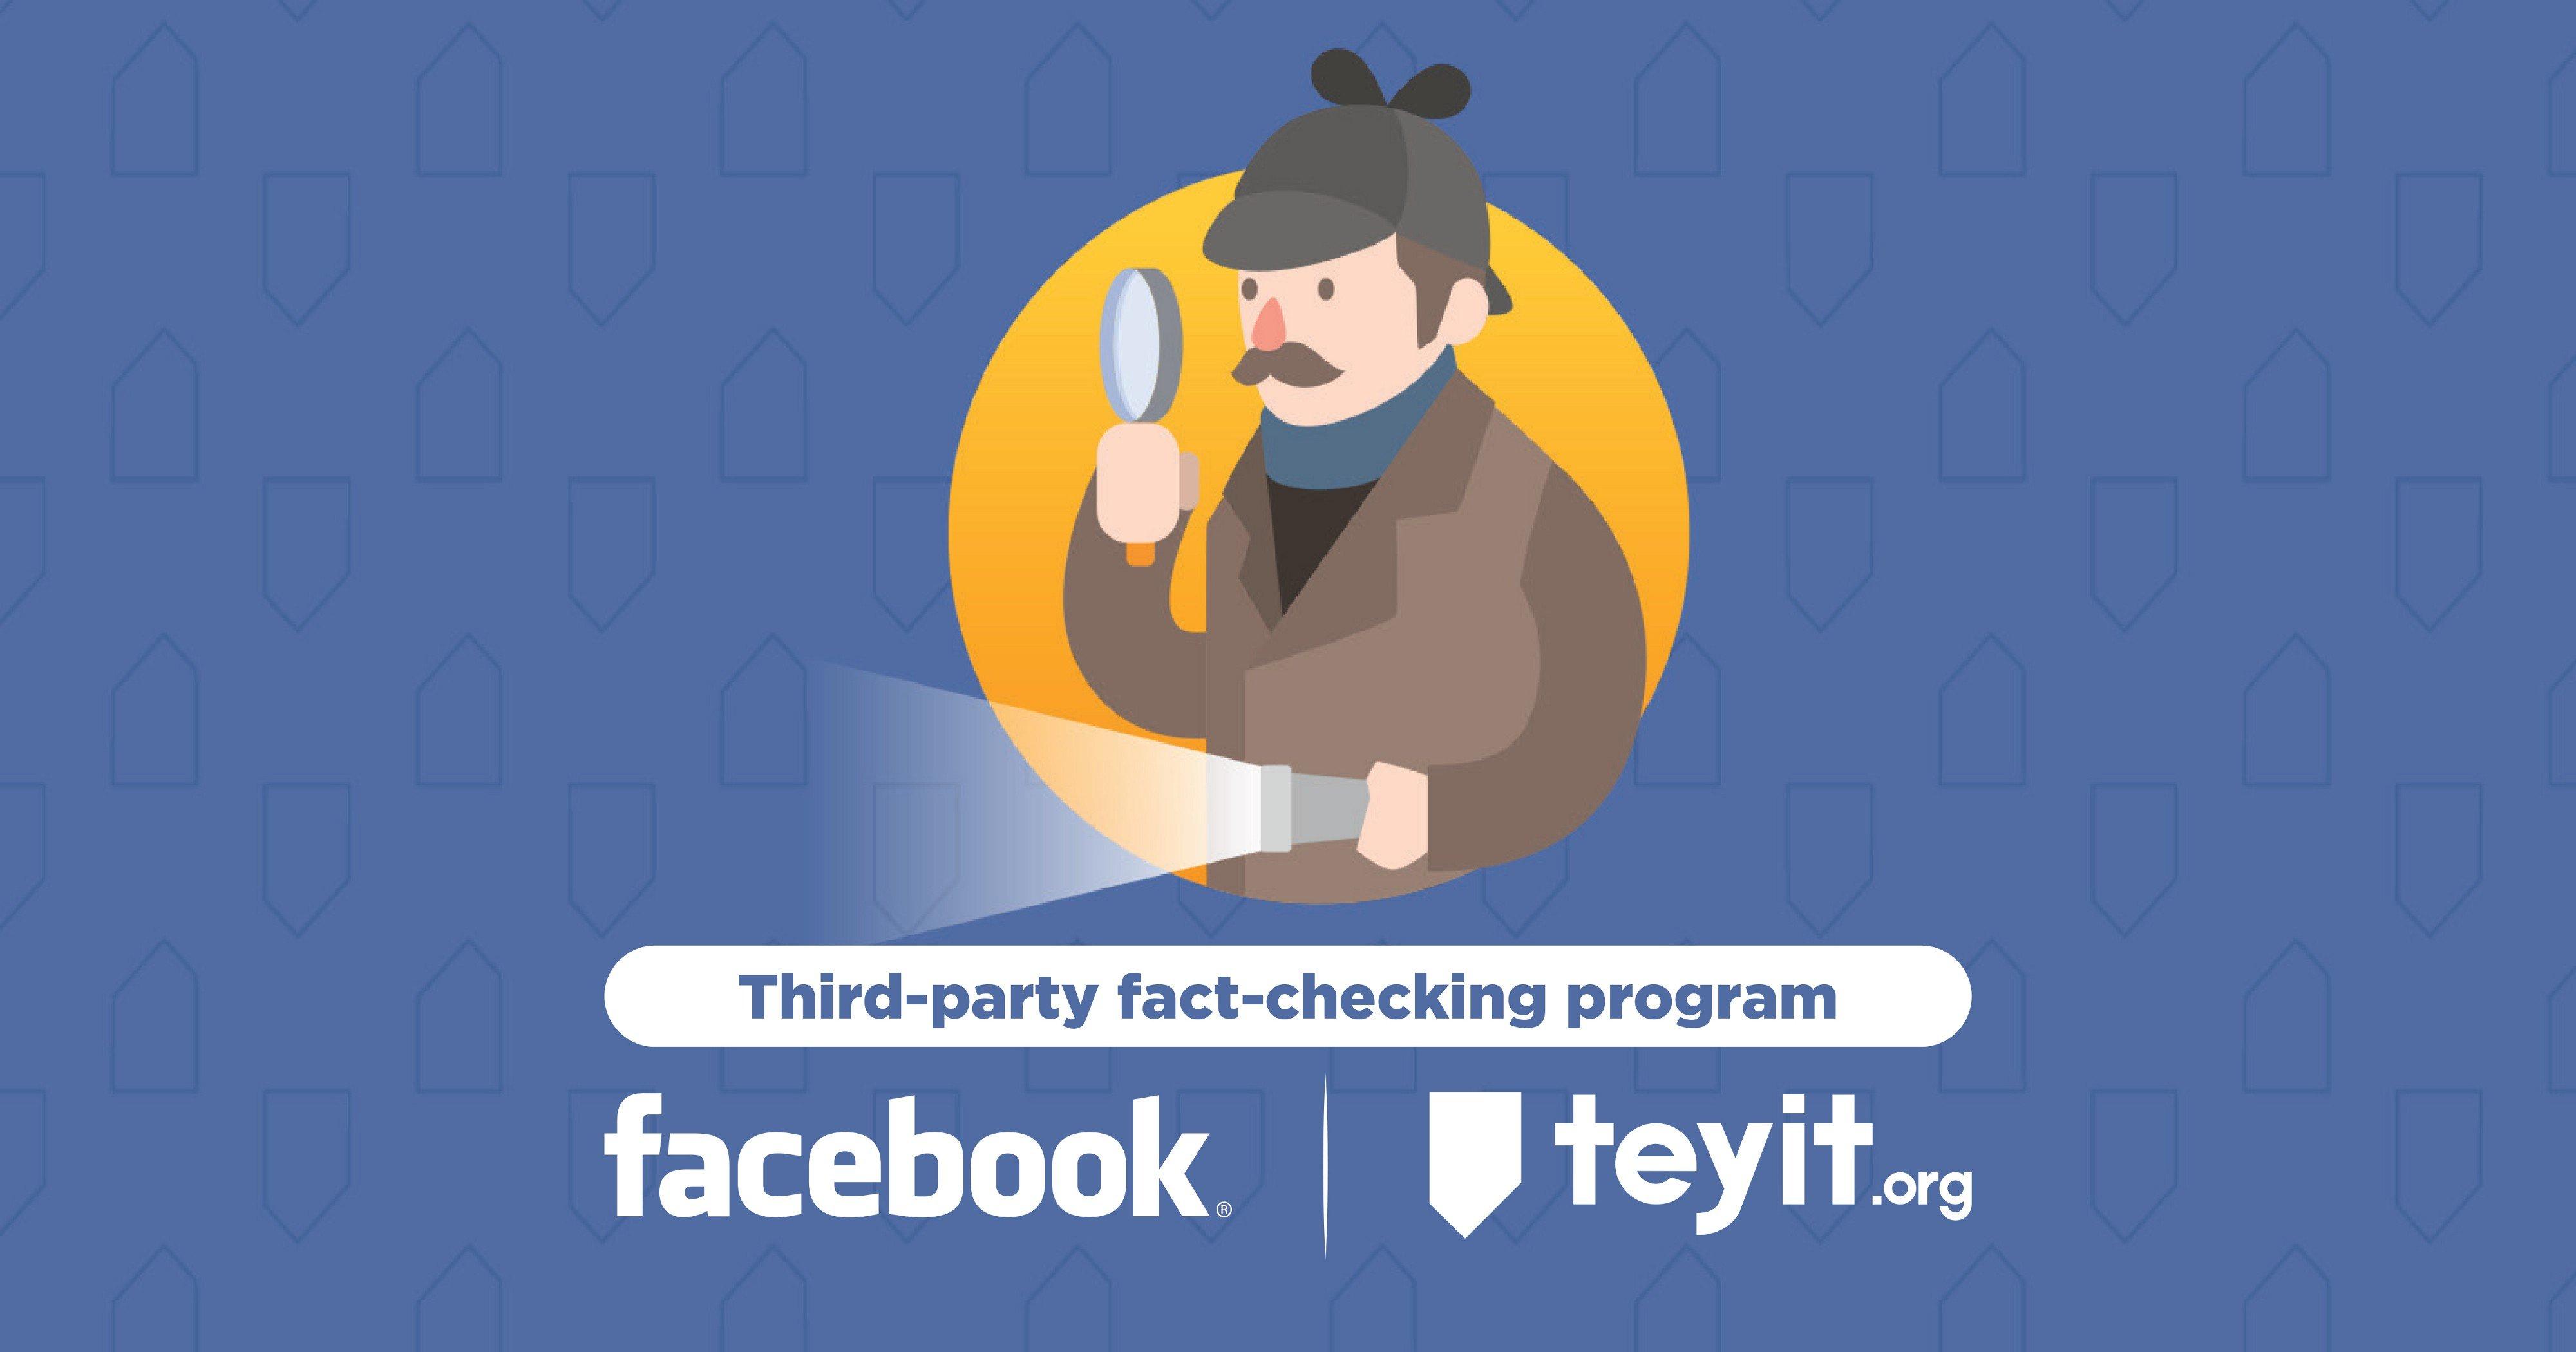 faceboo fact checking program